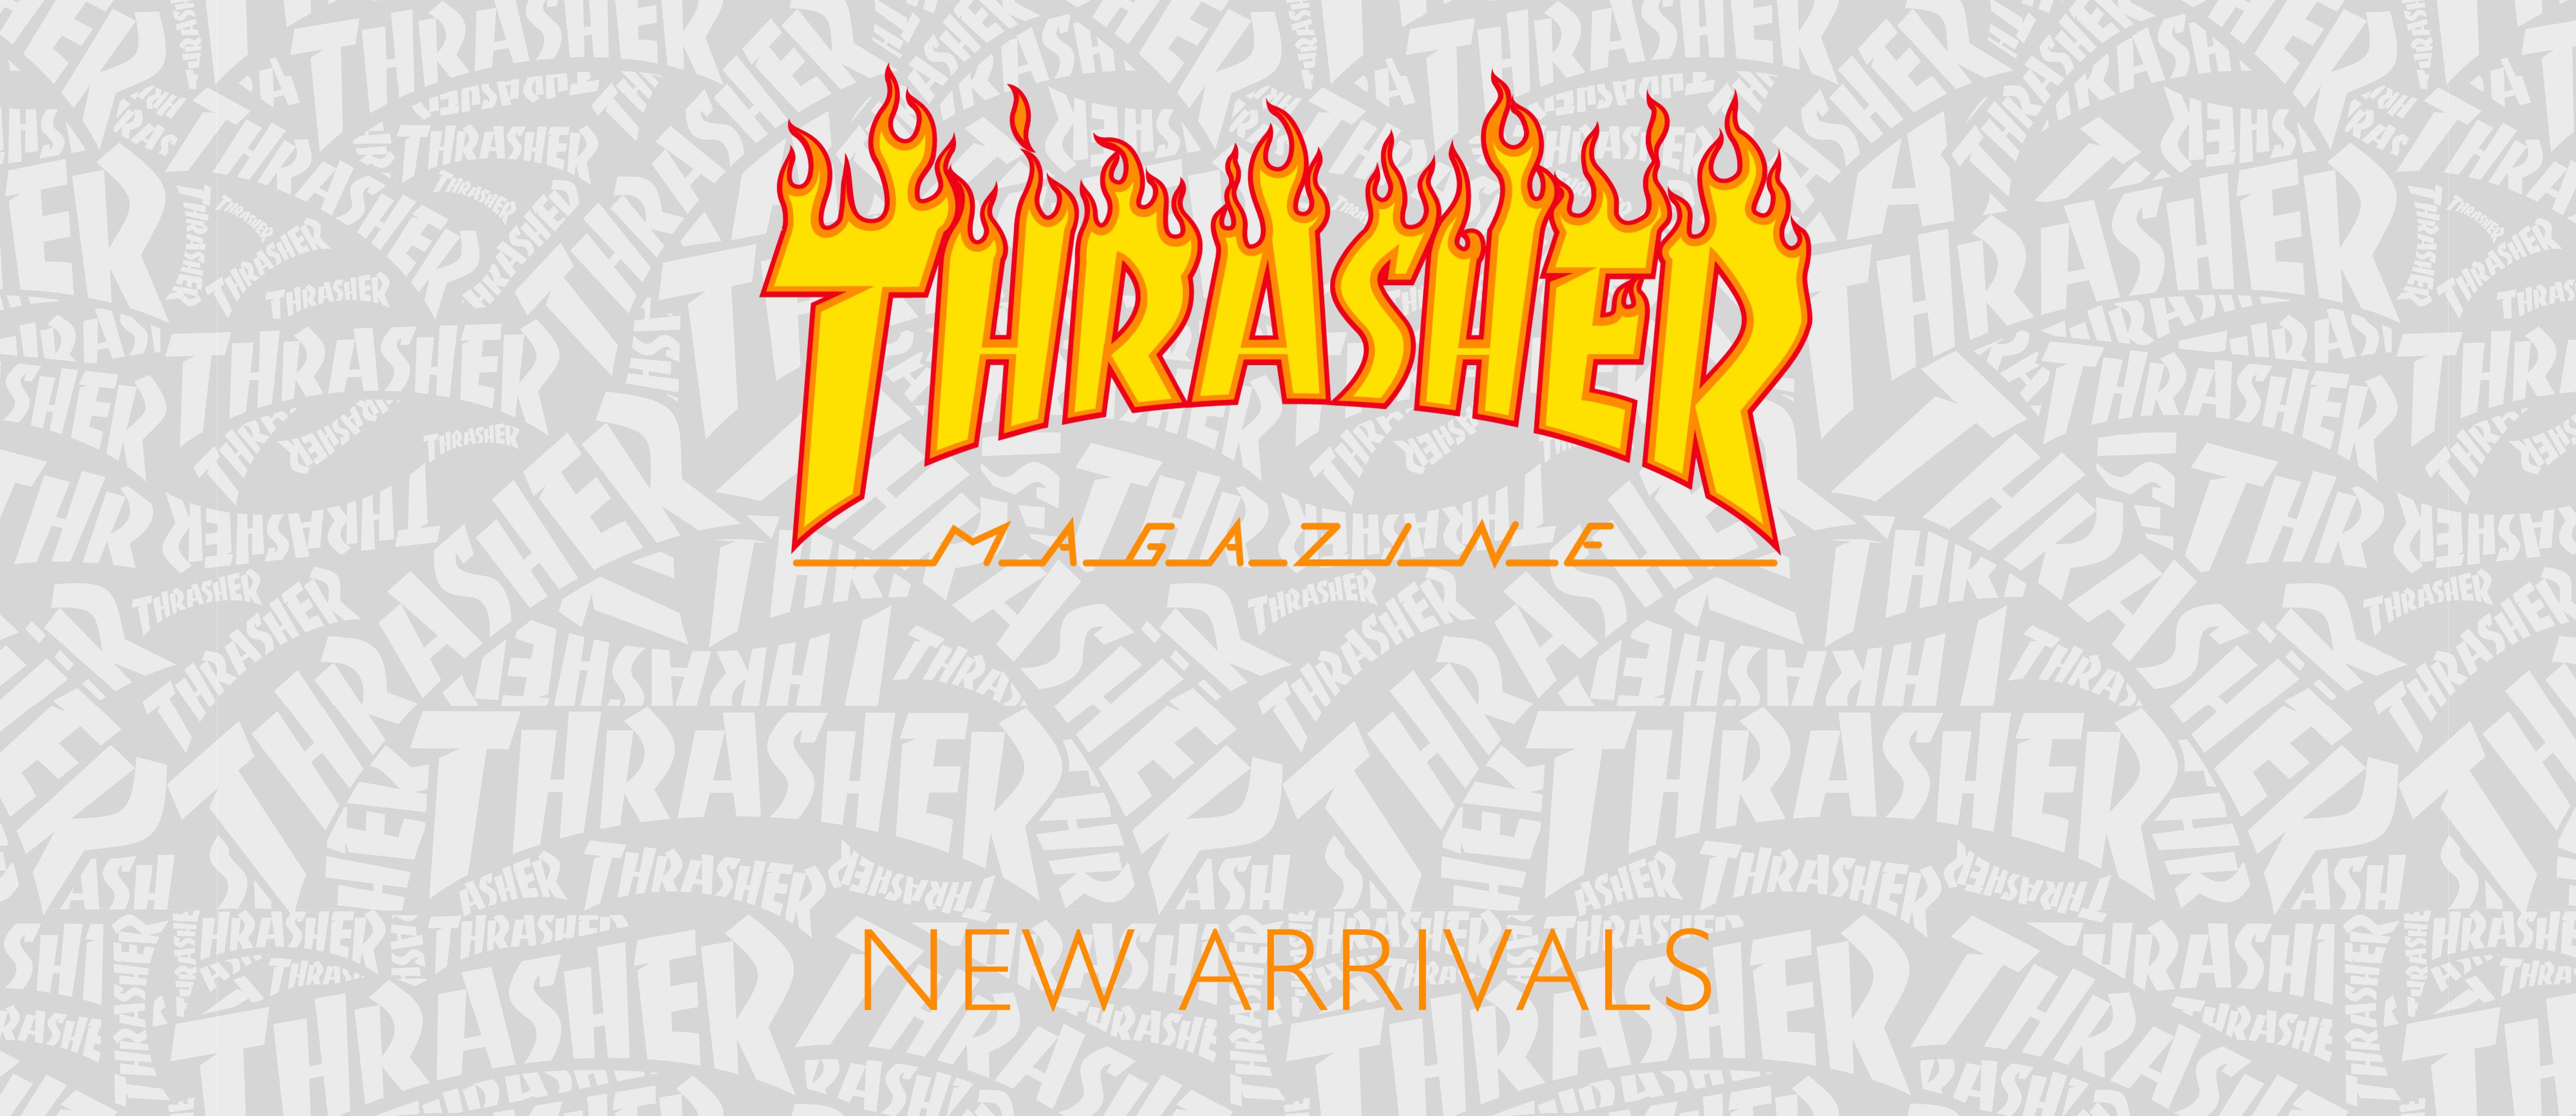 Thrahser hong kong 香港 鋪 shop